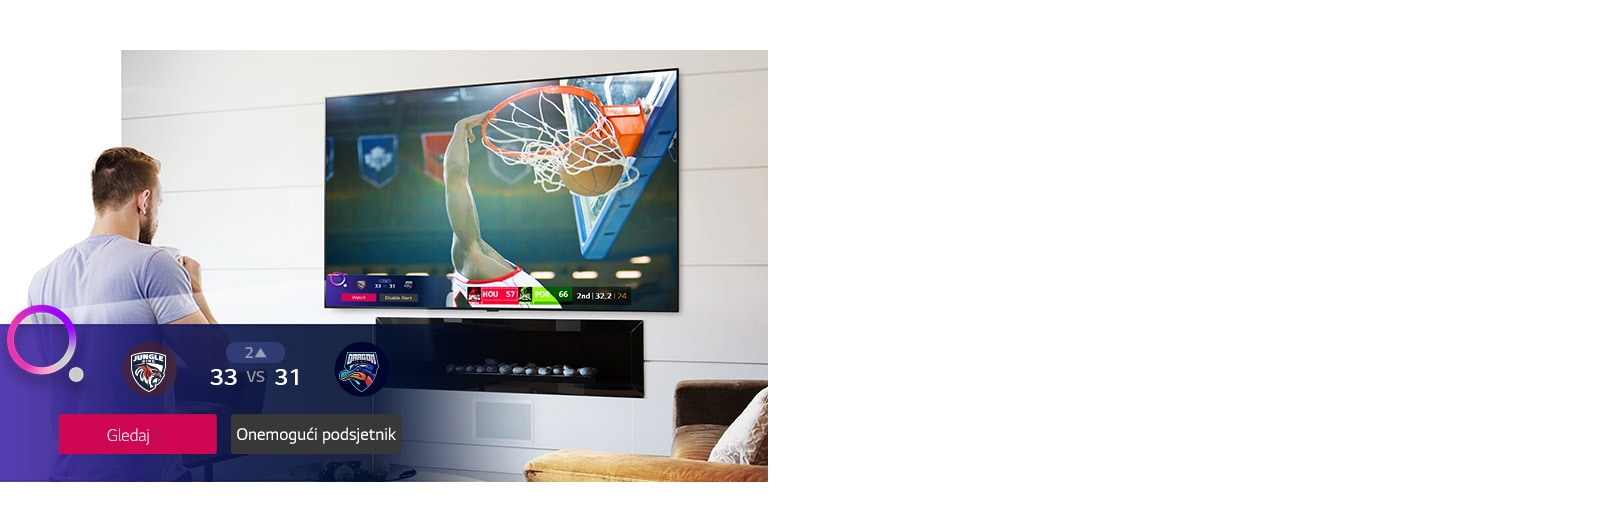 Zaslon televizora koji prikazuje scenu iz košarkaške utakmice sa značajkom Sports Alert (Sportski podsjetnik)